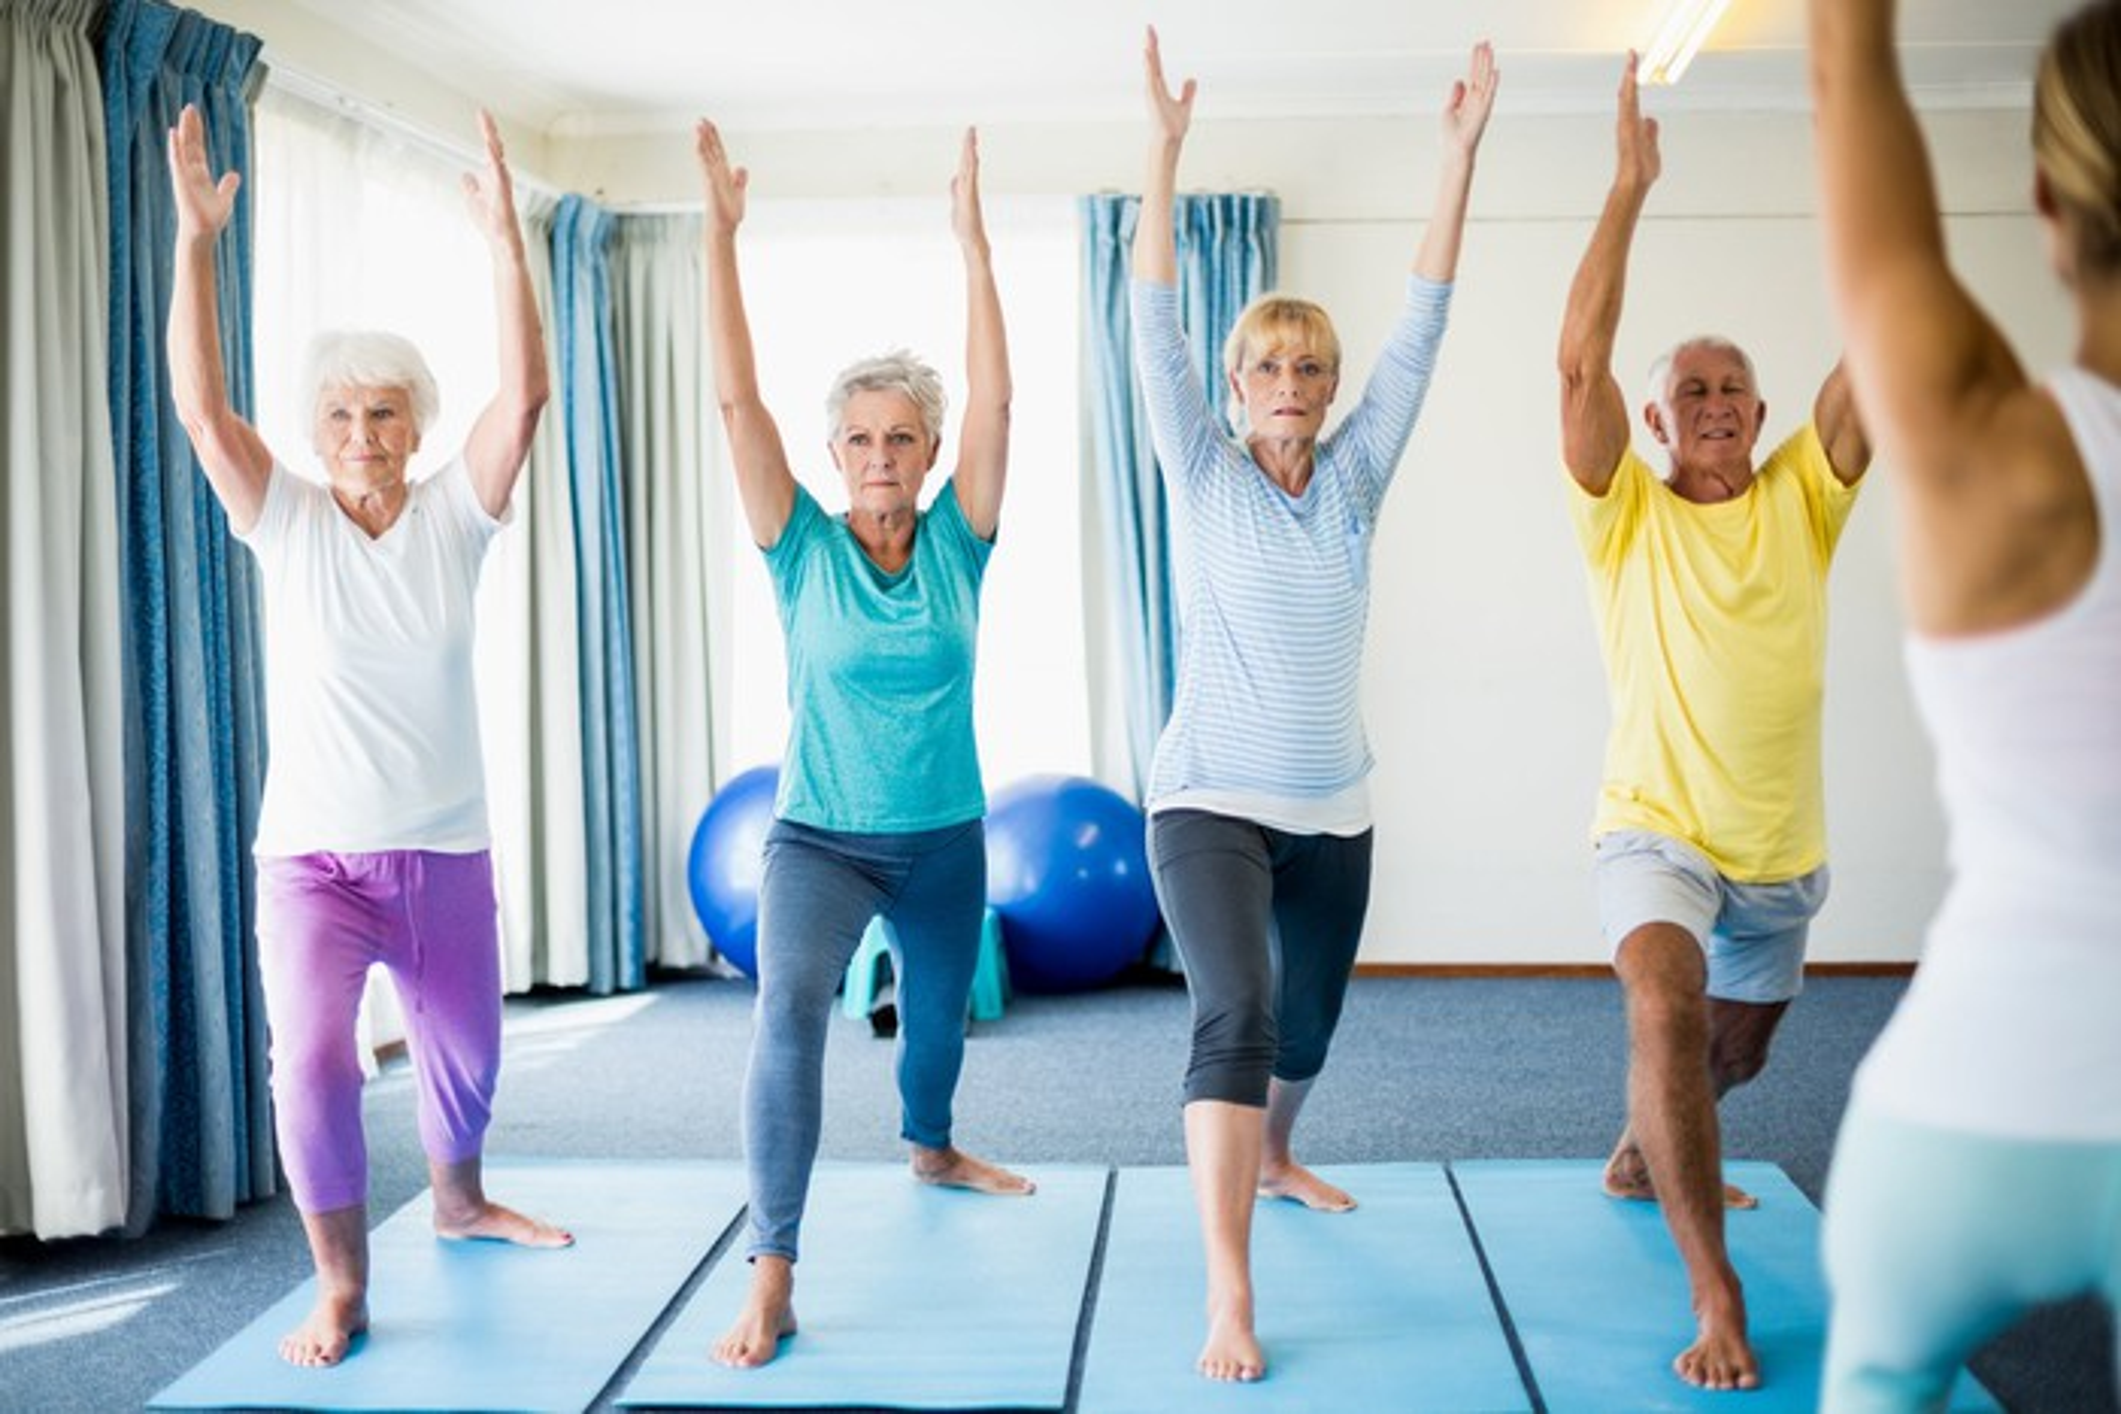 Senior citizen yoga class